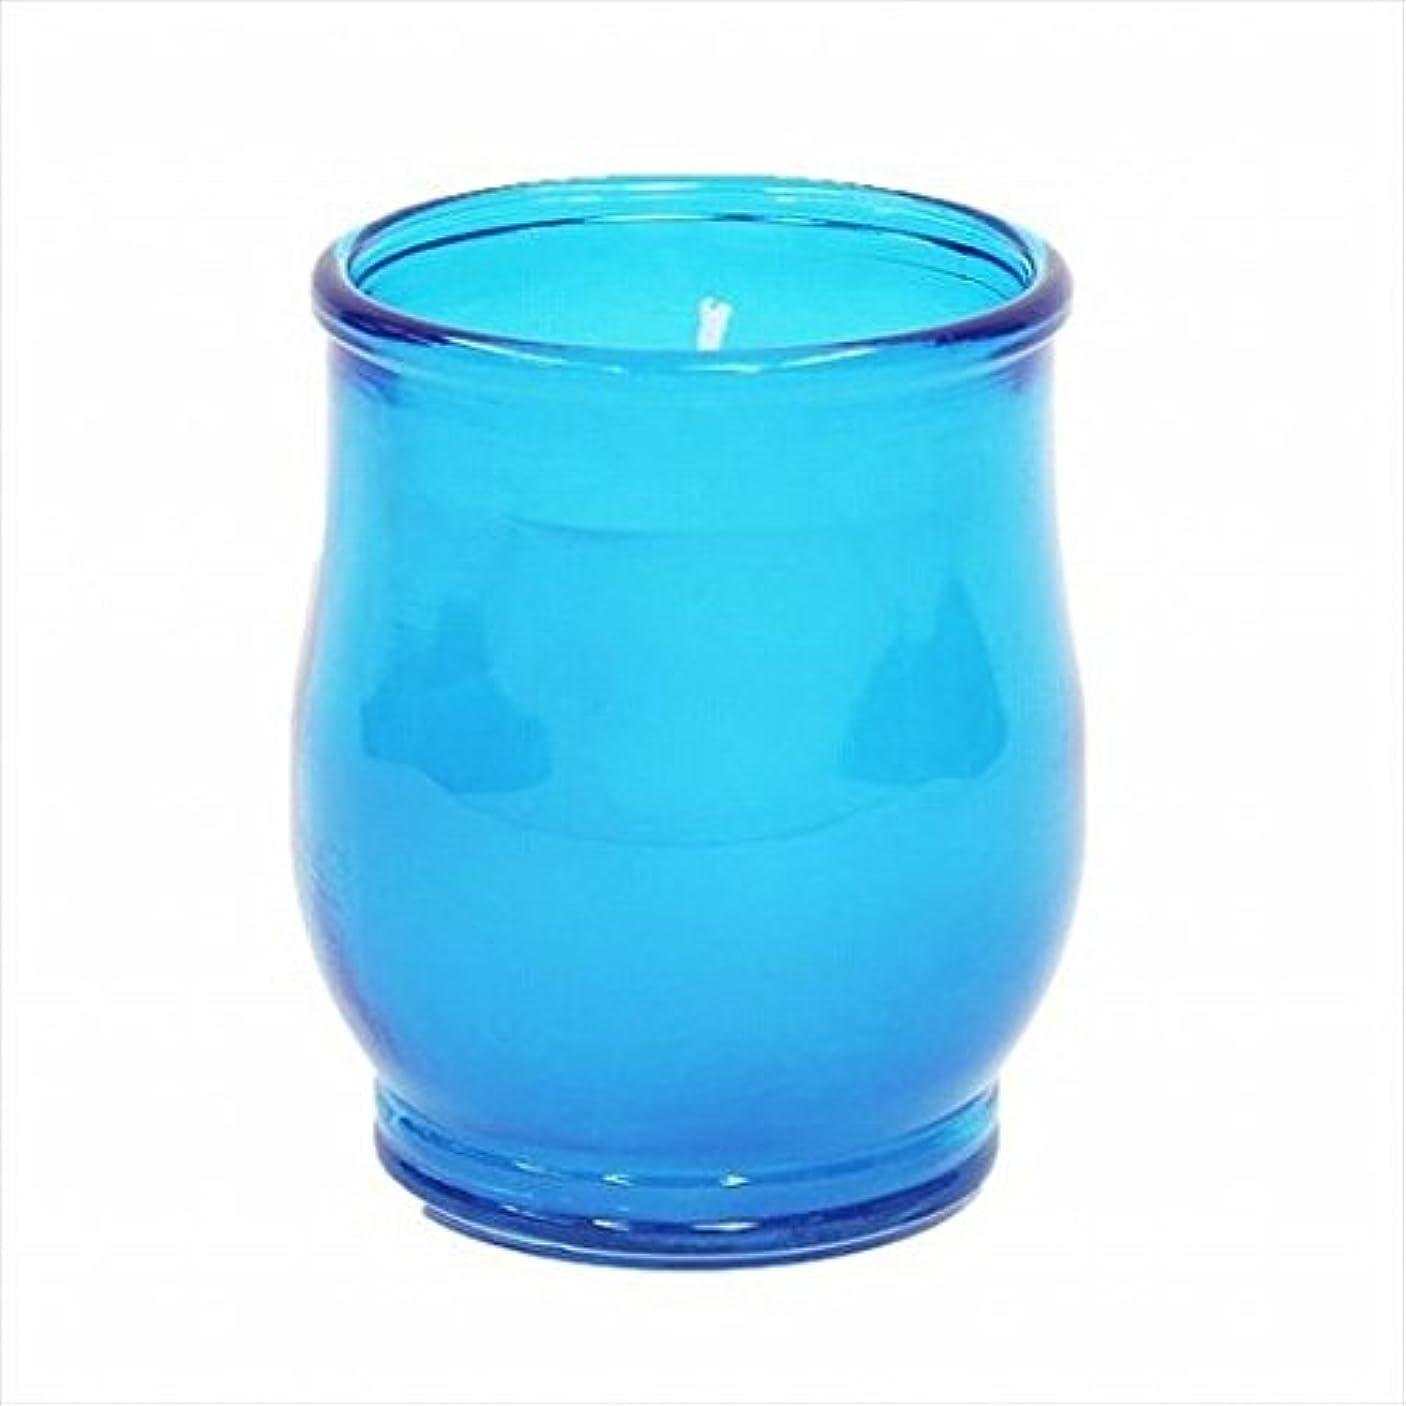 大聖堂ジャニスお世話になったkameyama candle(カメヤマキャンドル) ポシェ(非常用コップローソク) 「 ブルー 」 キャンドル 68x68x80mm (73020000BL)